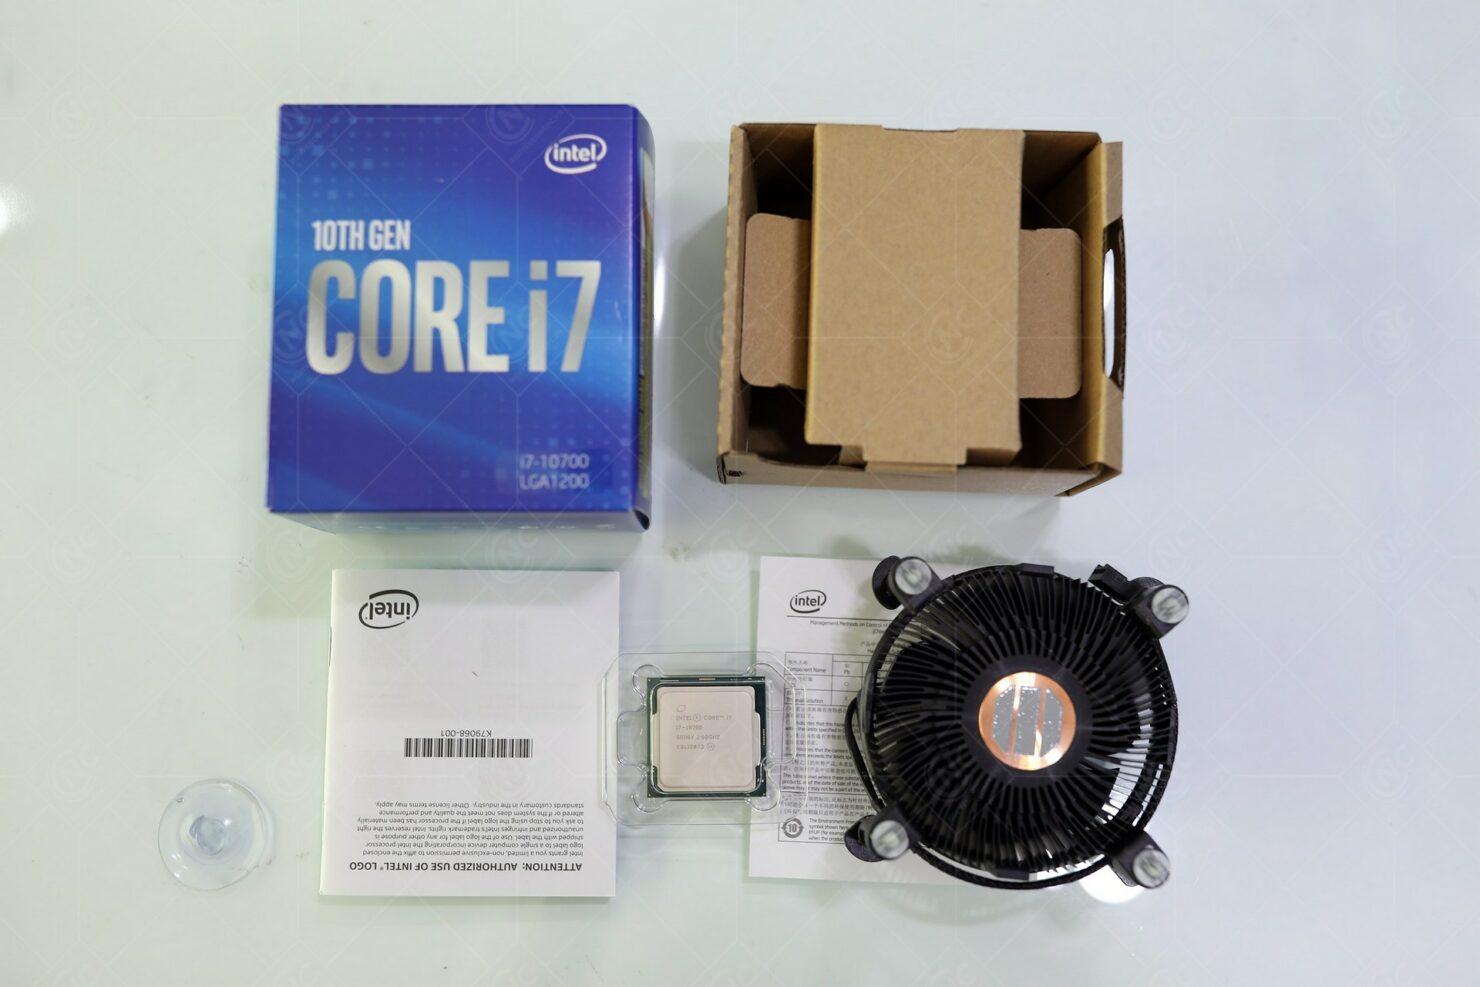 intel-boxed-cpu-cooler_10th-gen-desktop-comet-lake-processors_1